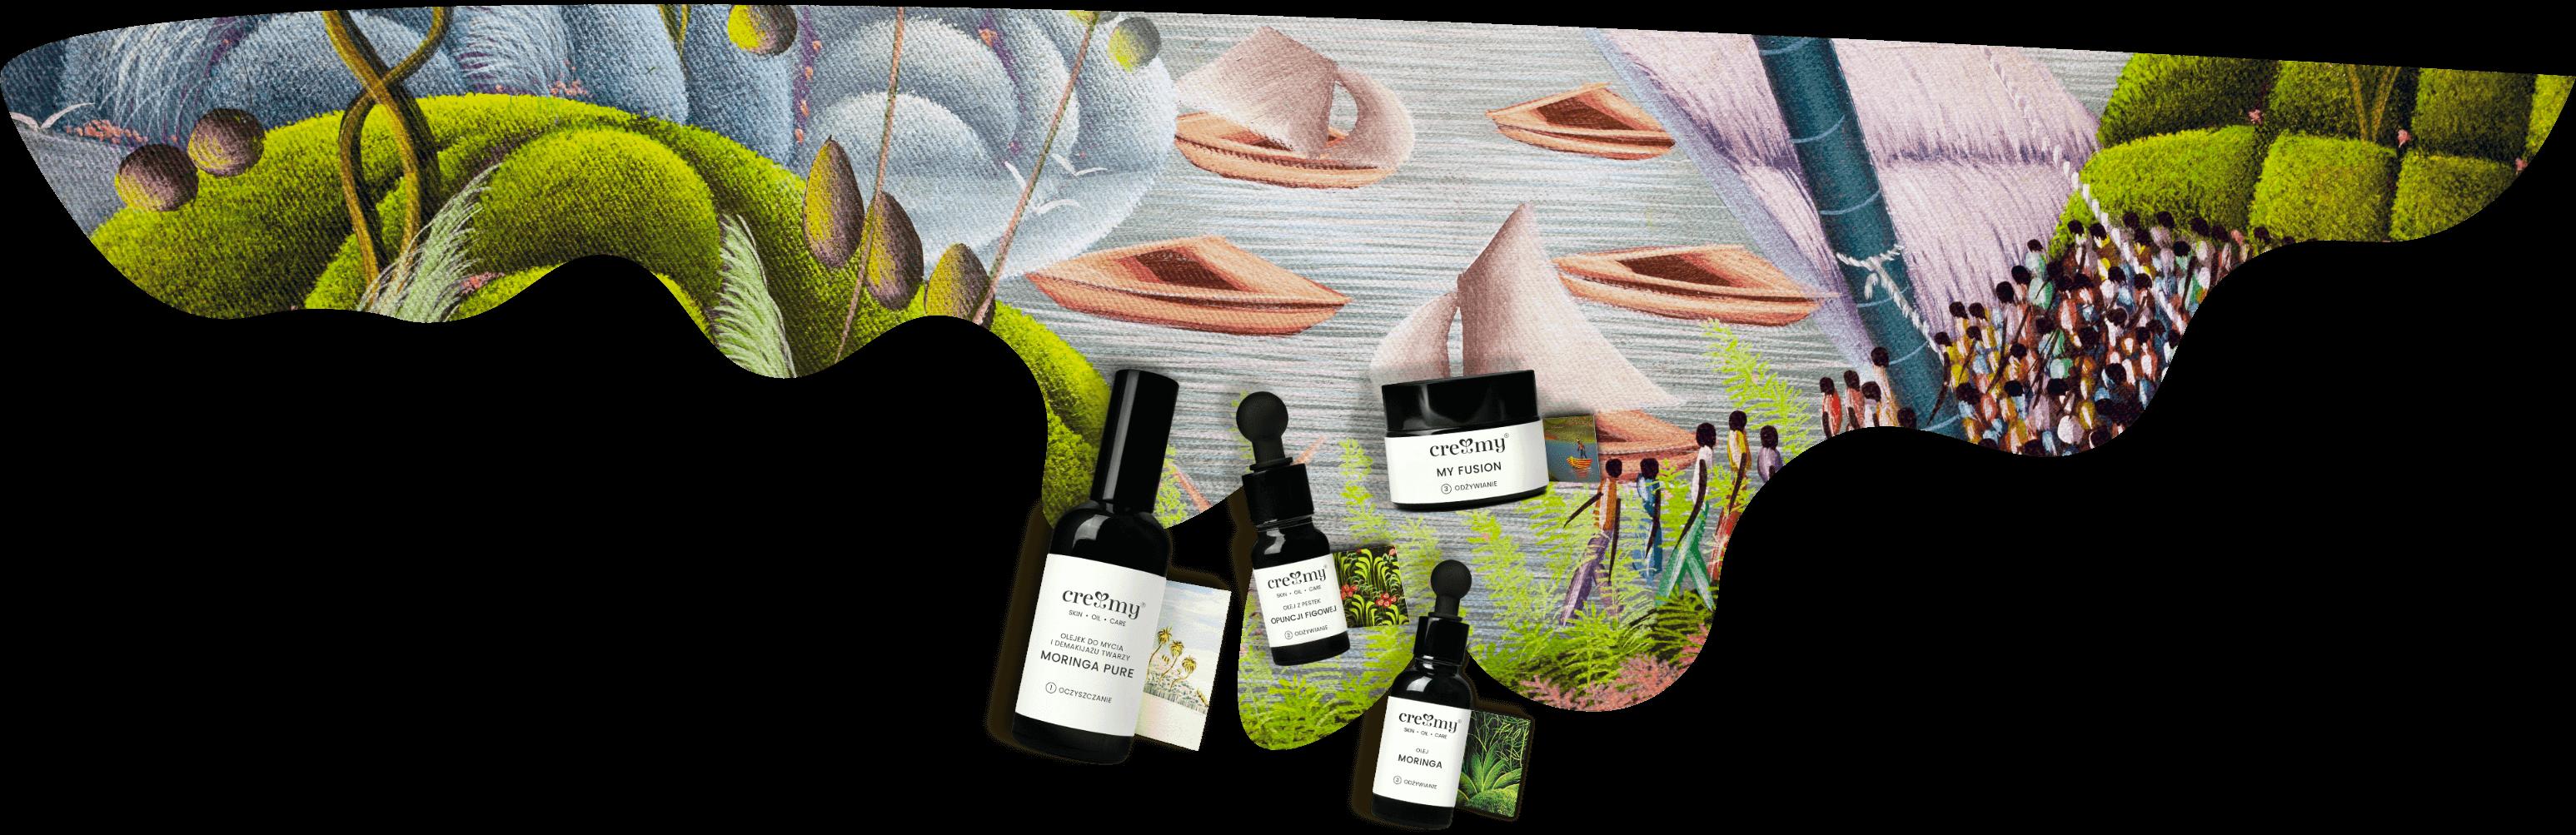 Kosmetyki naturalne, które czynią dobro Twojej skórze i naszej planecie